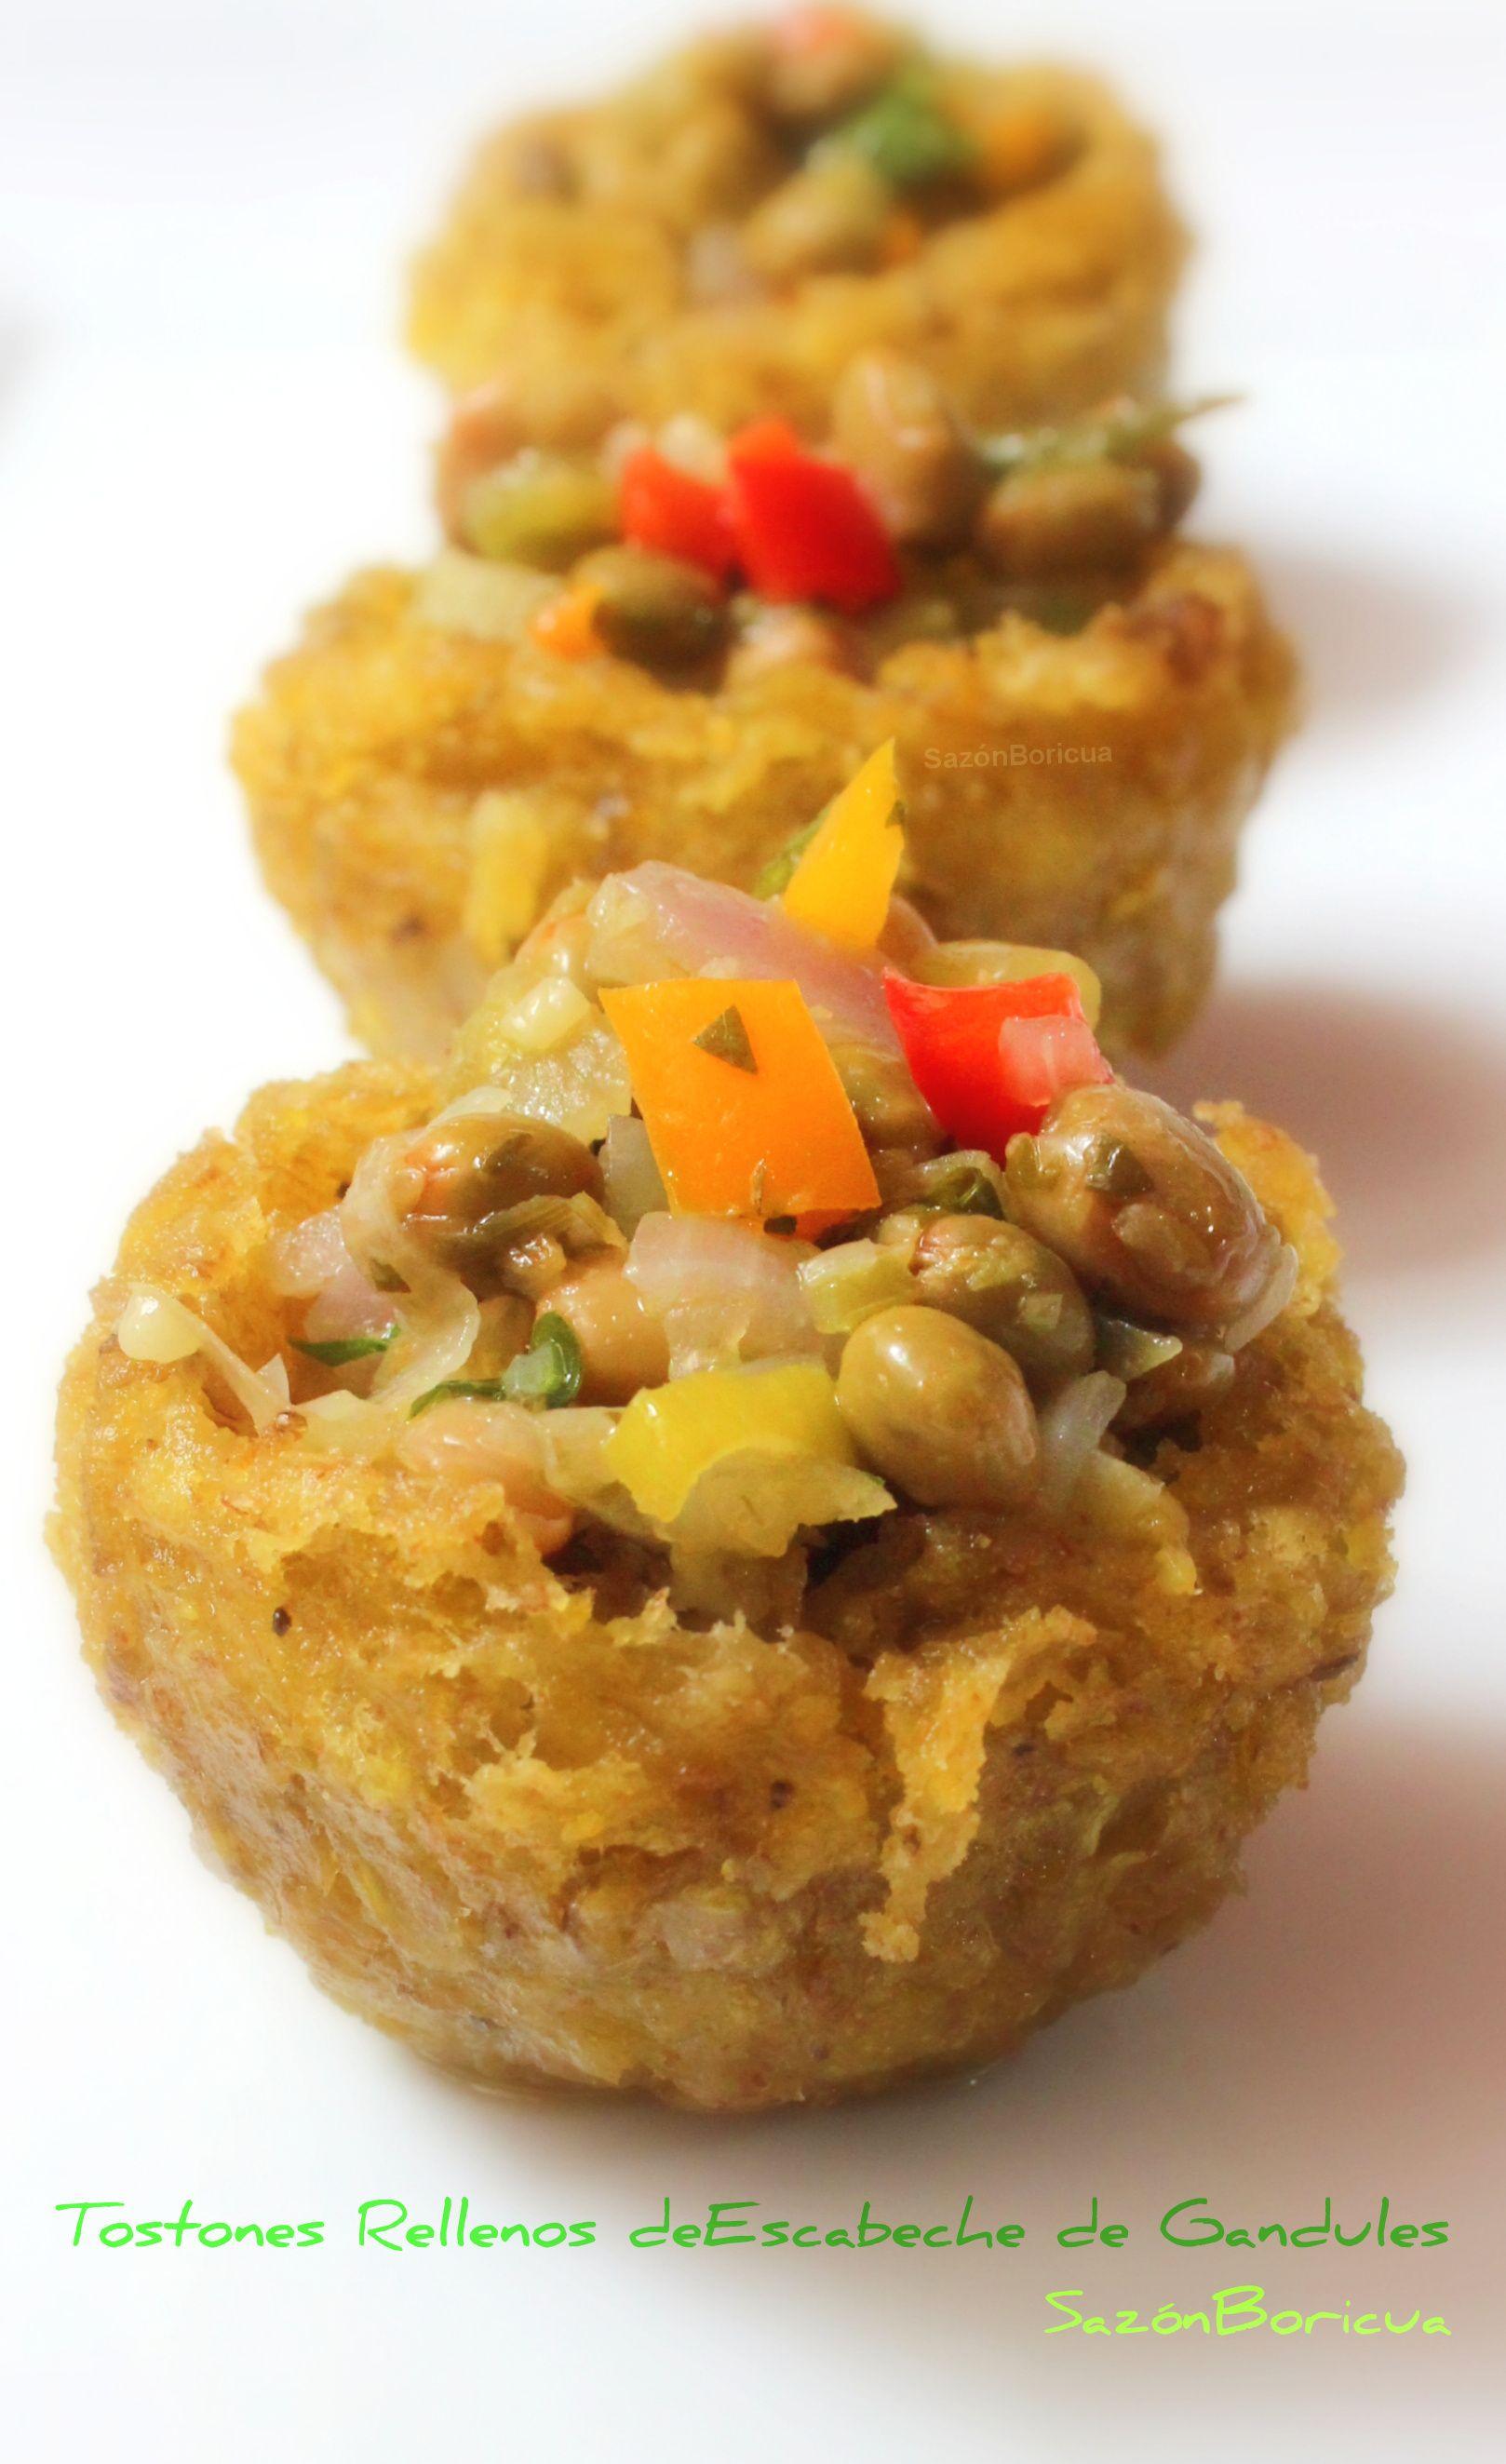 Tostones rellenos de escabeche de gandules | Boricua recipes, Food, Recipes